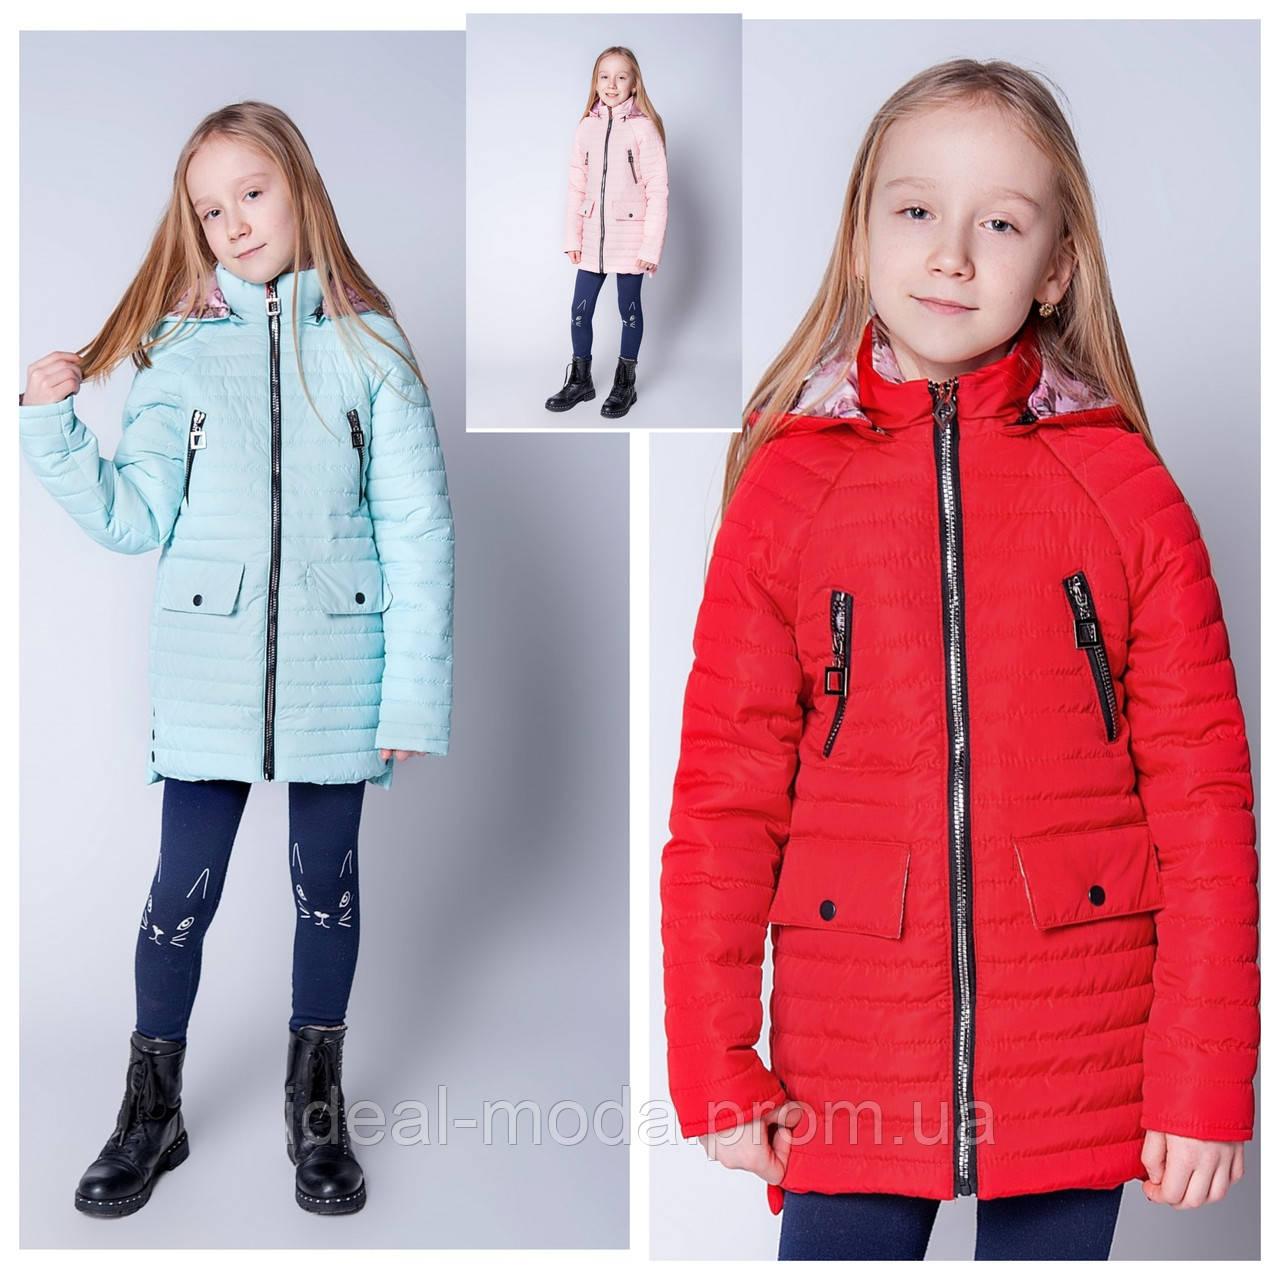 6ddaa0eda43 Детские куртки оптом весна-осень Тая 134-152р  продажа